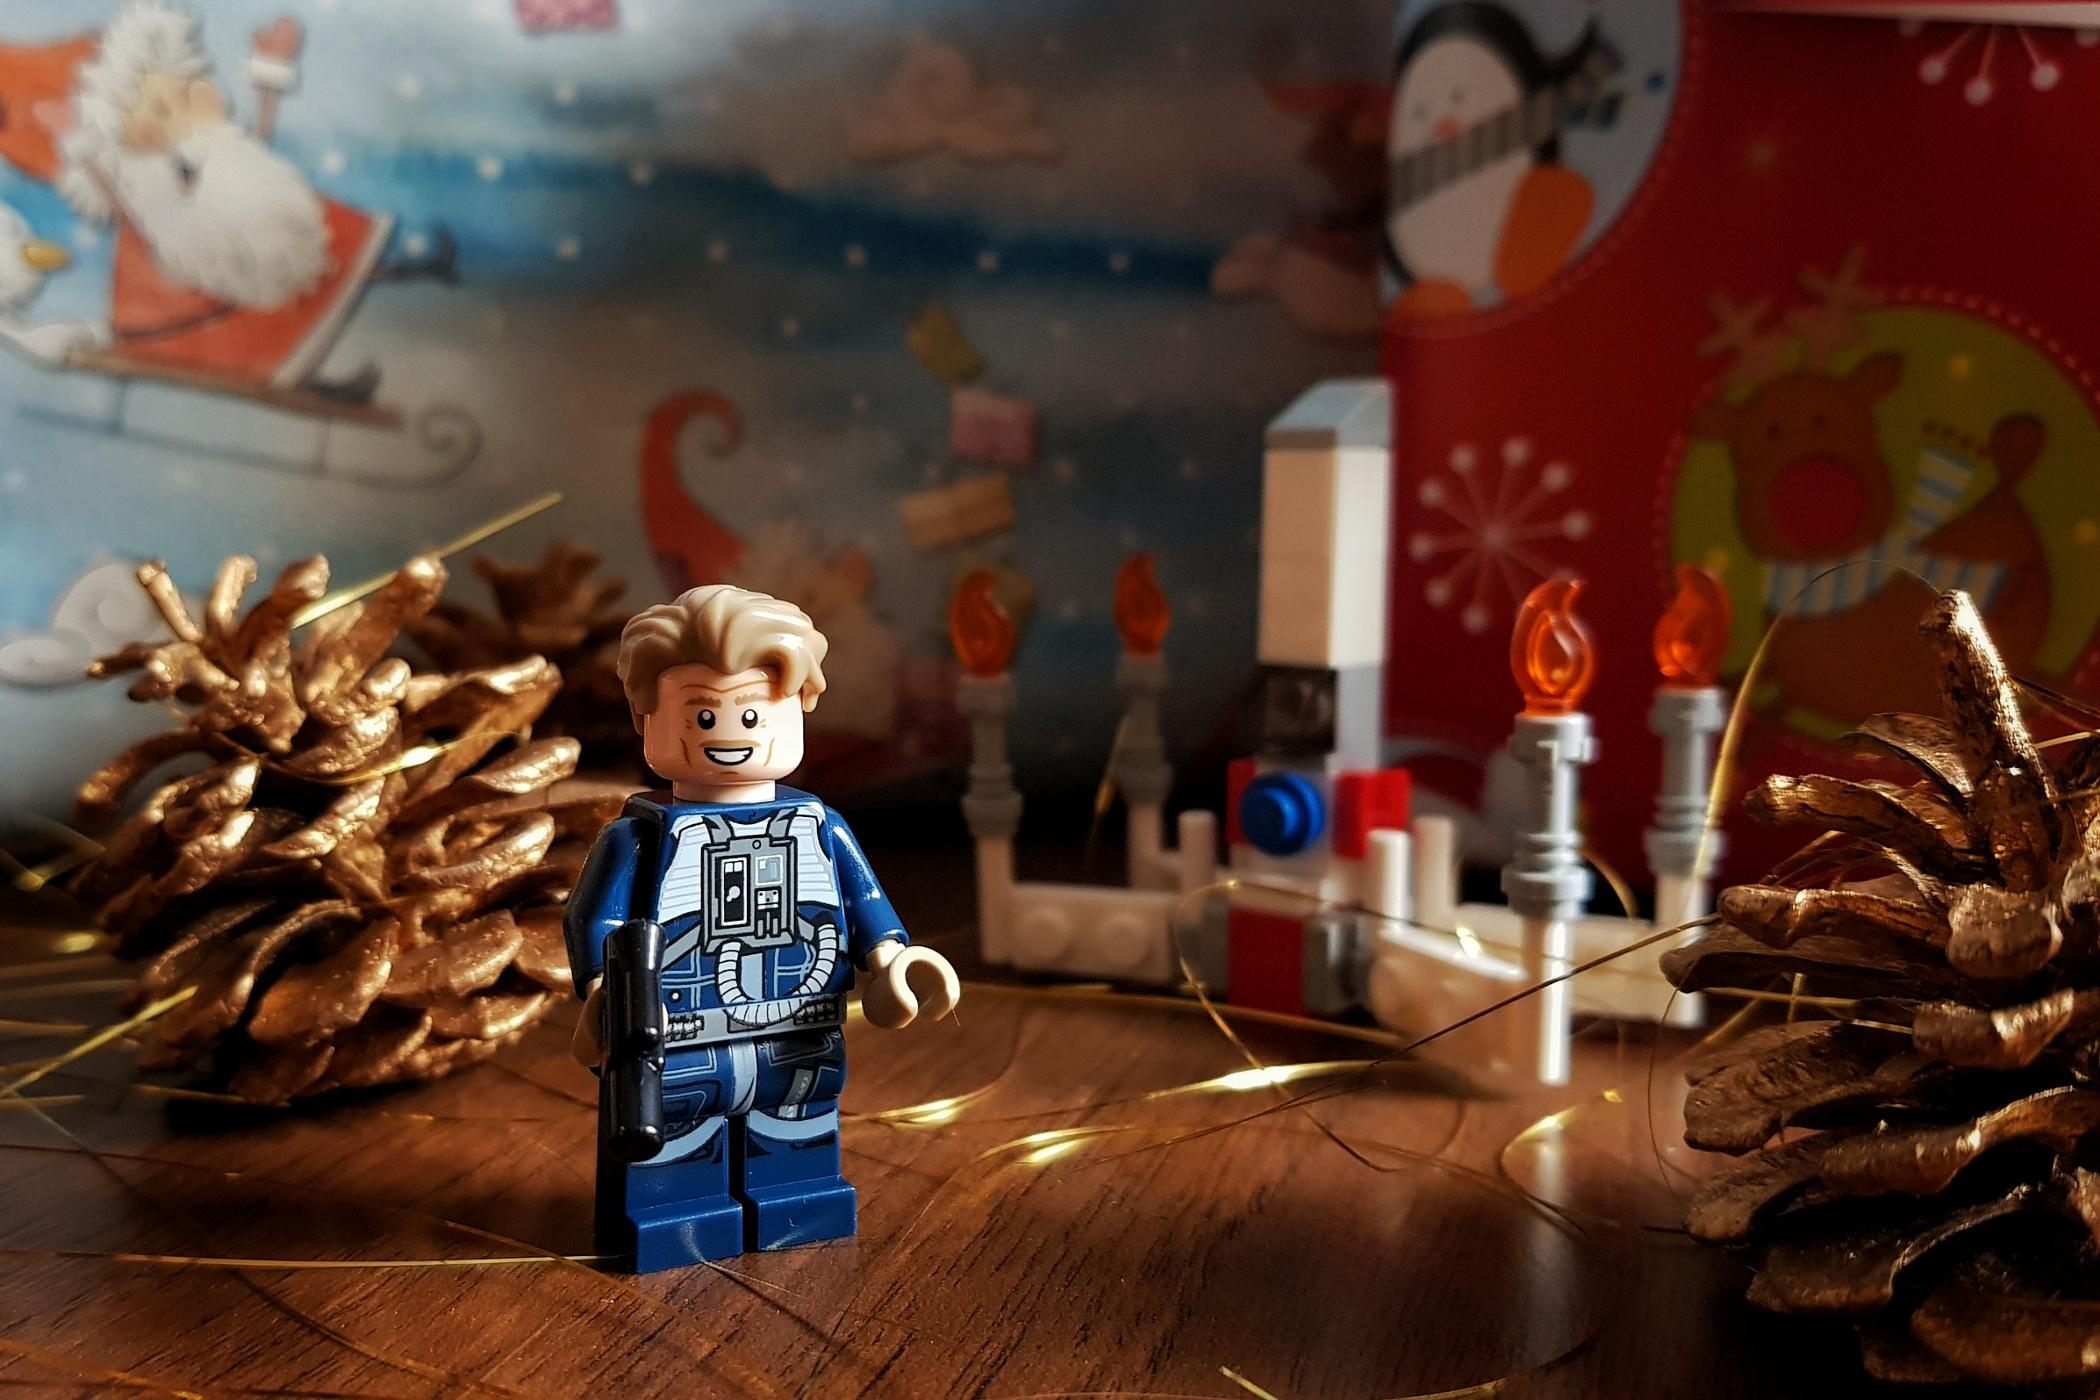 Lego Antoc Merrick